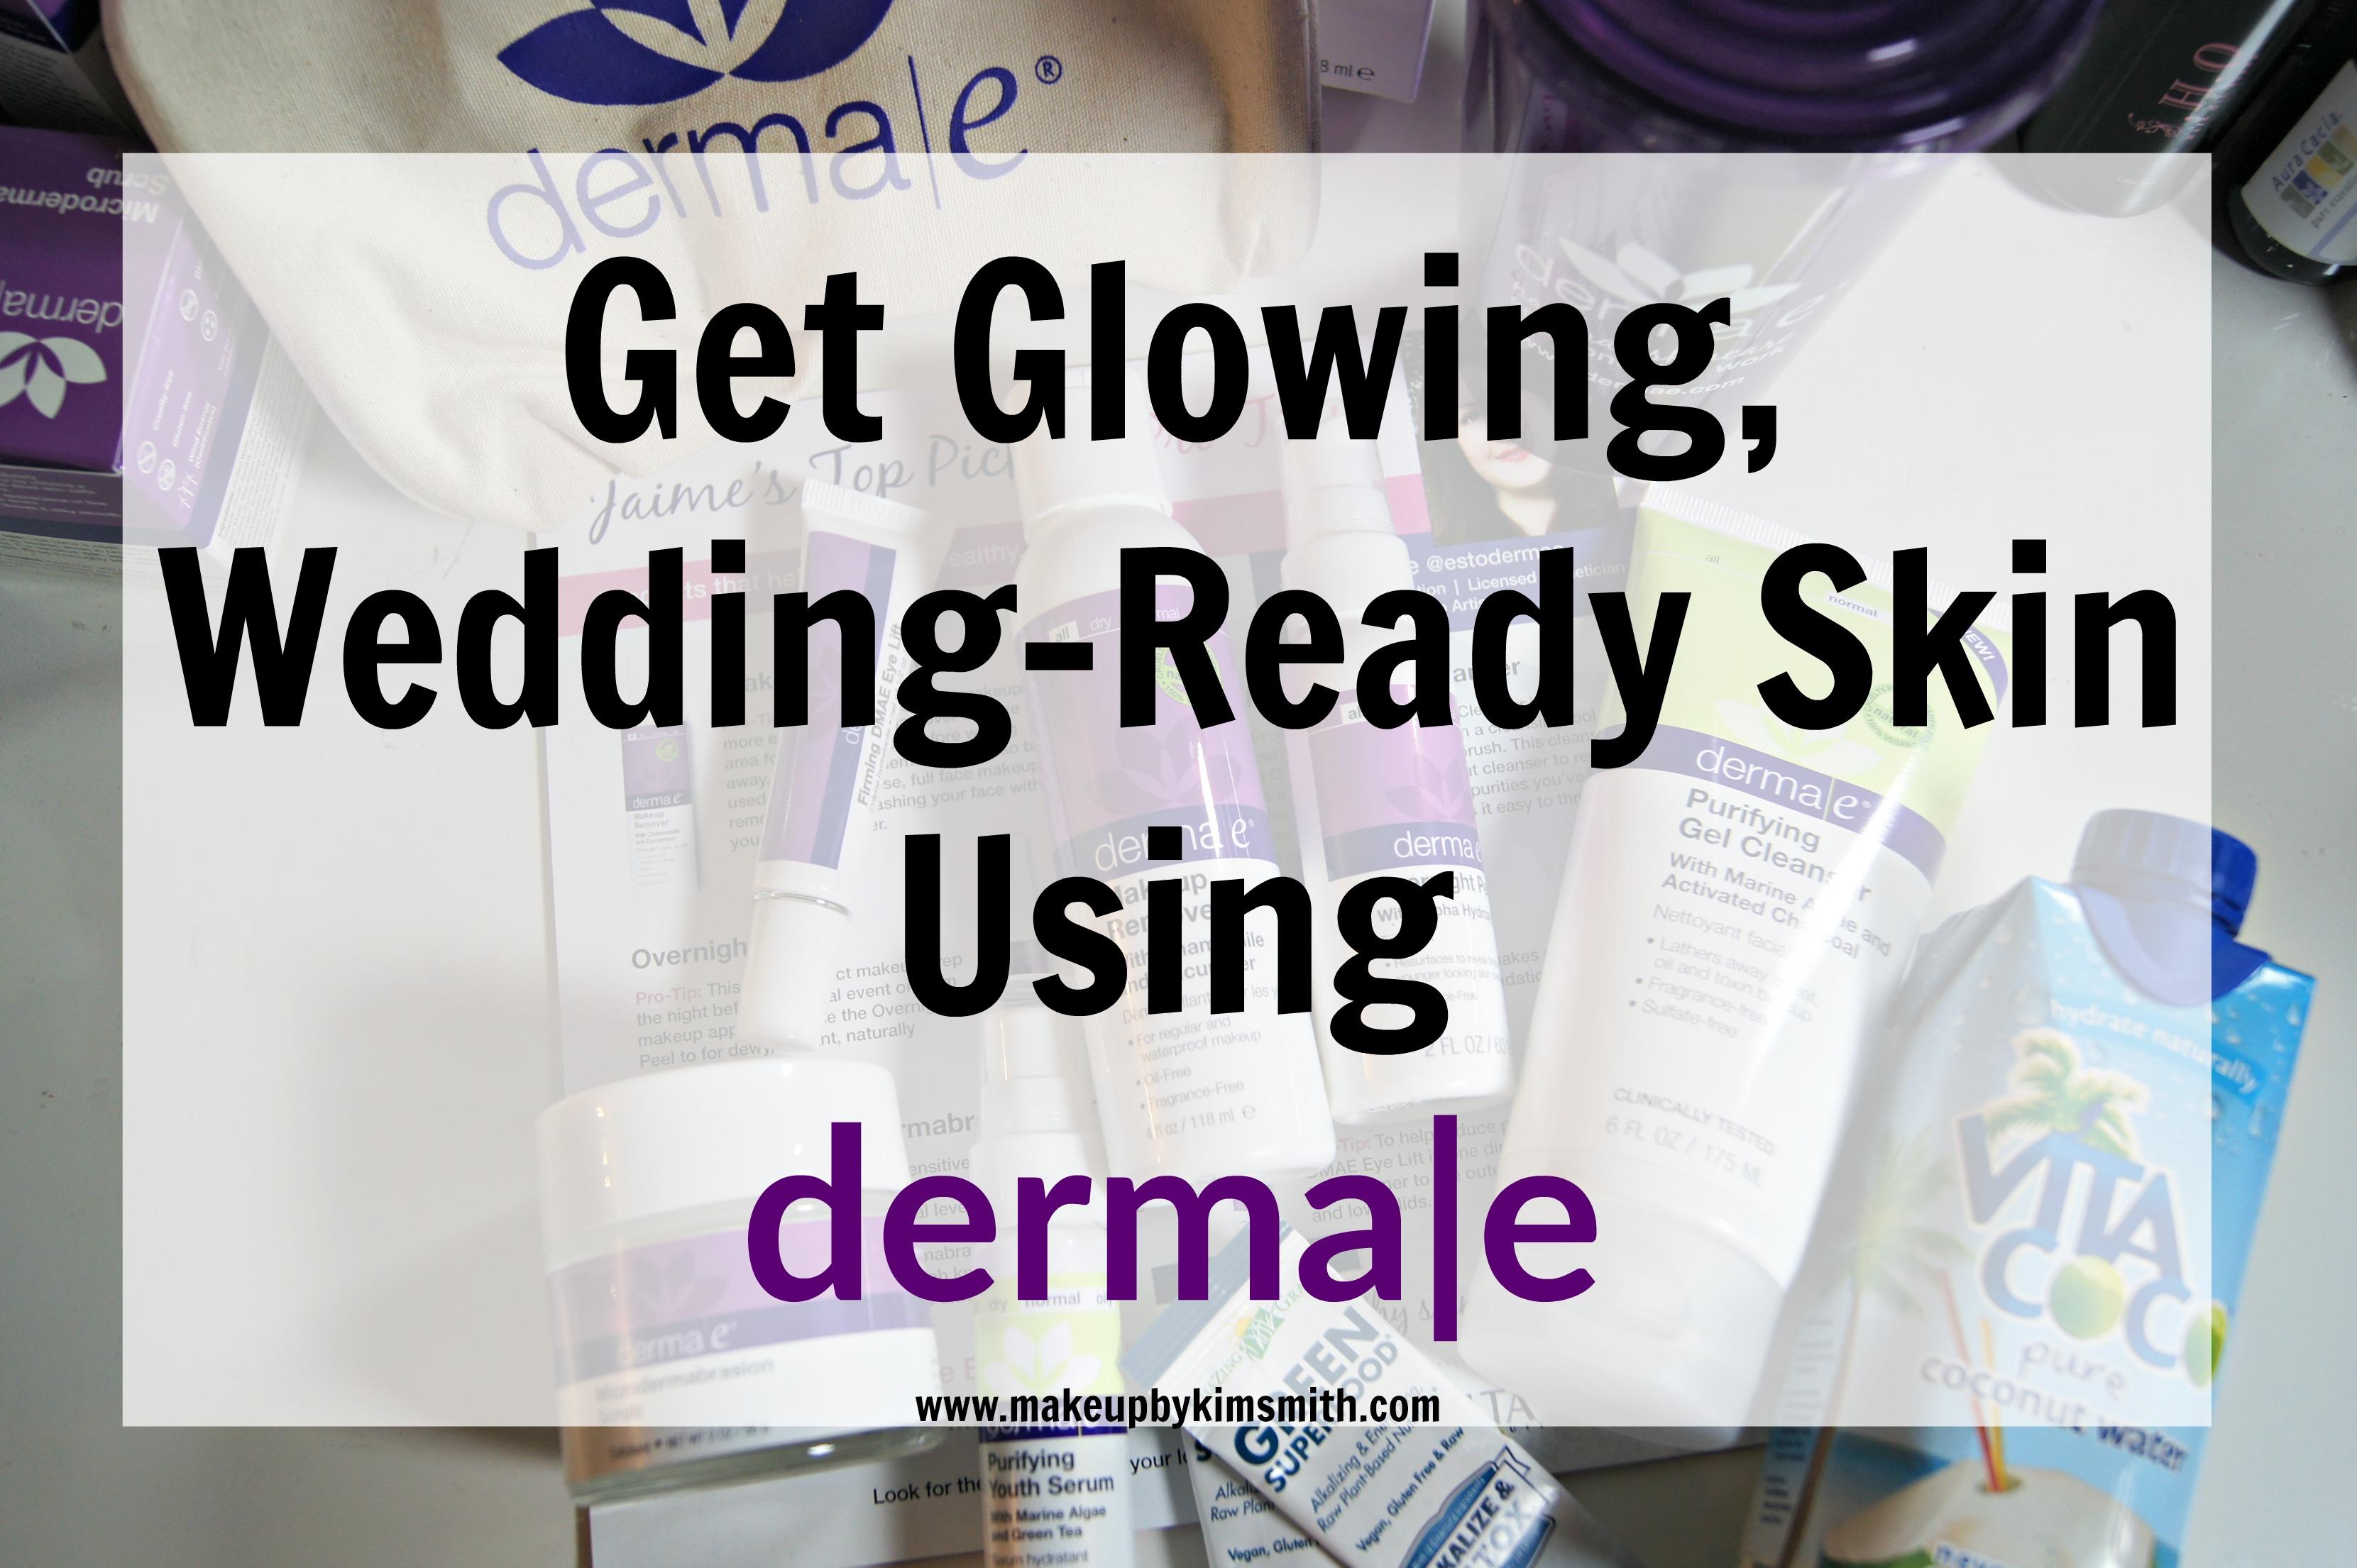 Get Glowing, Wedding-Ready Skin Using derma e